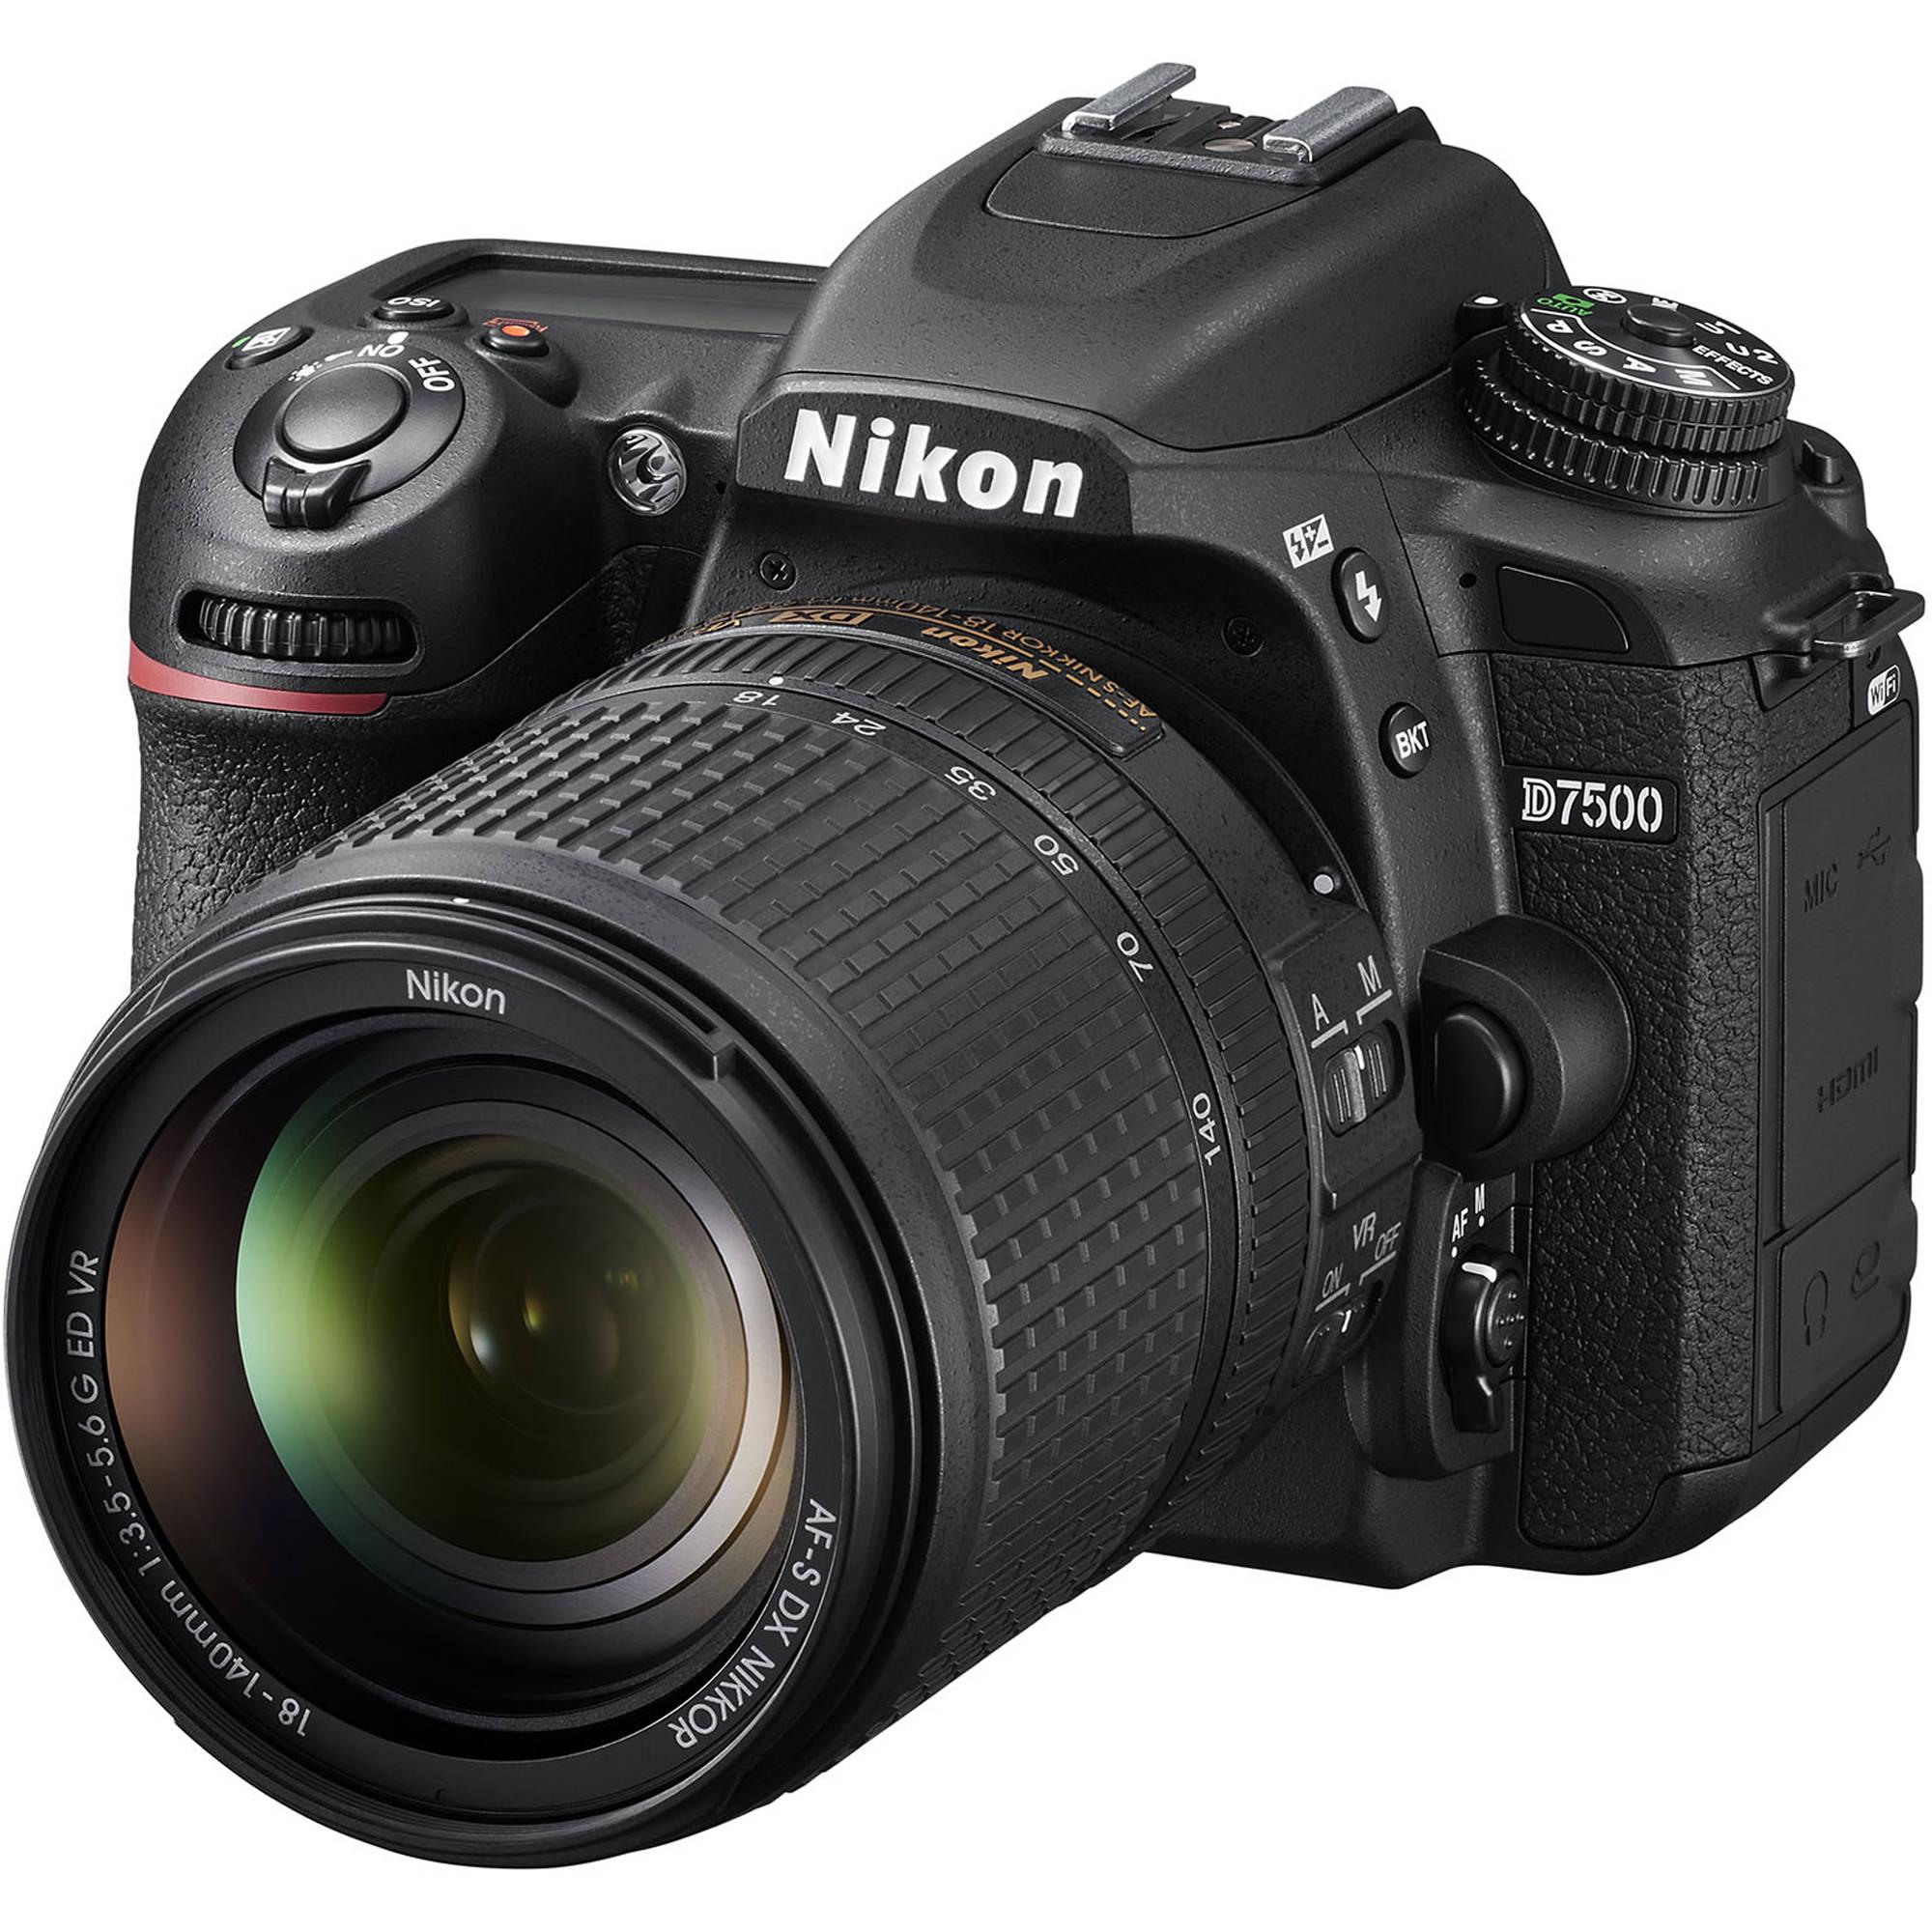 Best Budget DSLR 2018 Nikon D7500